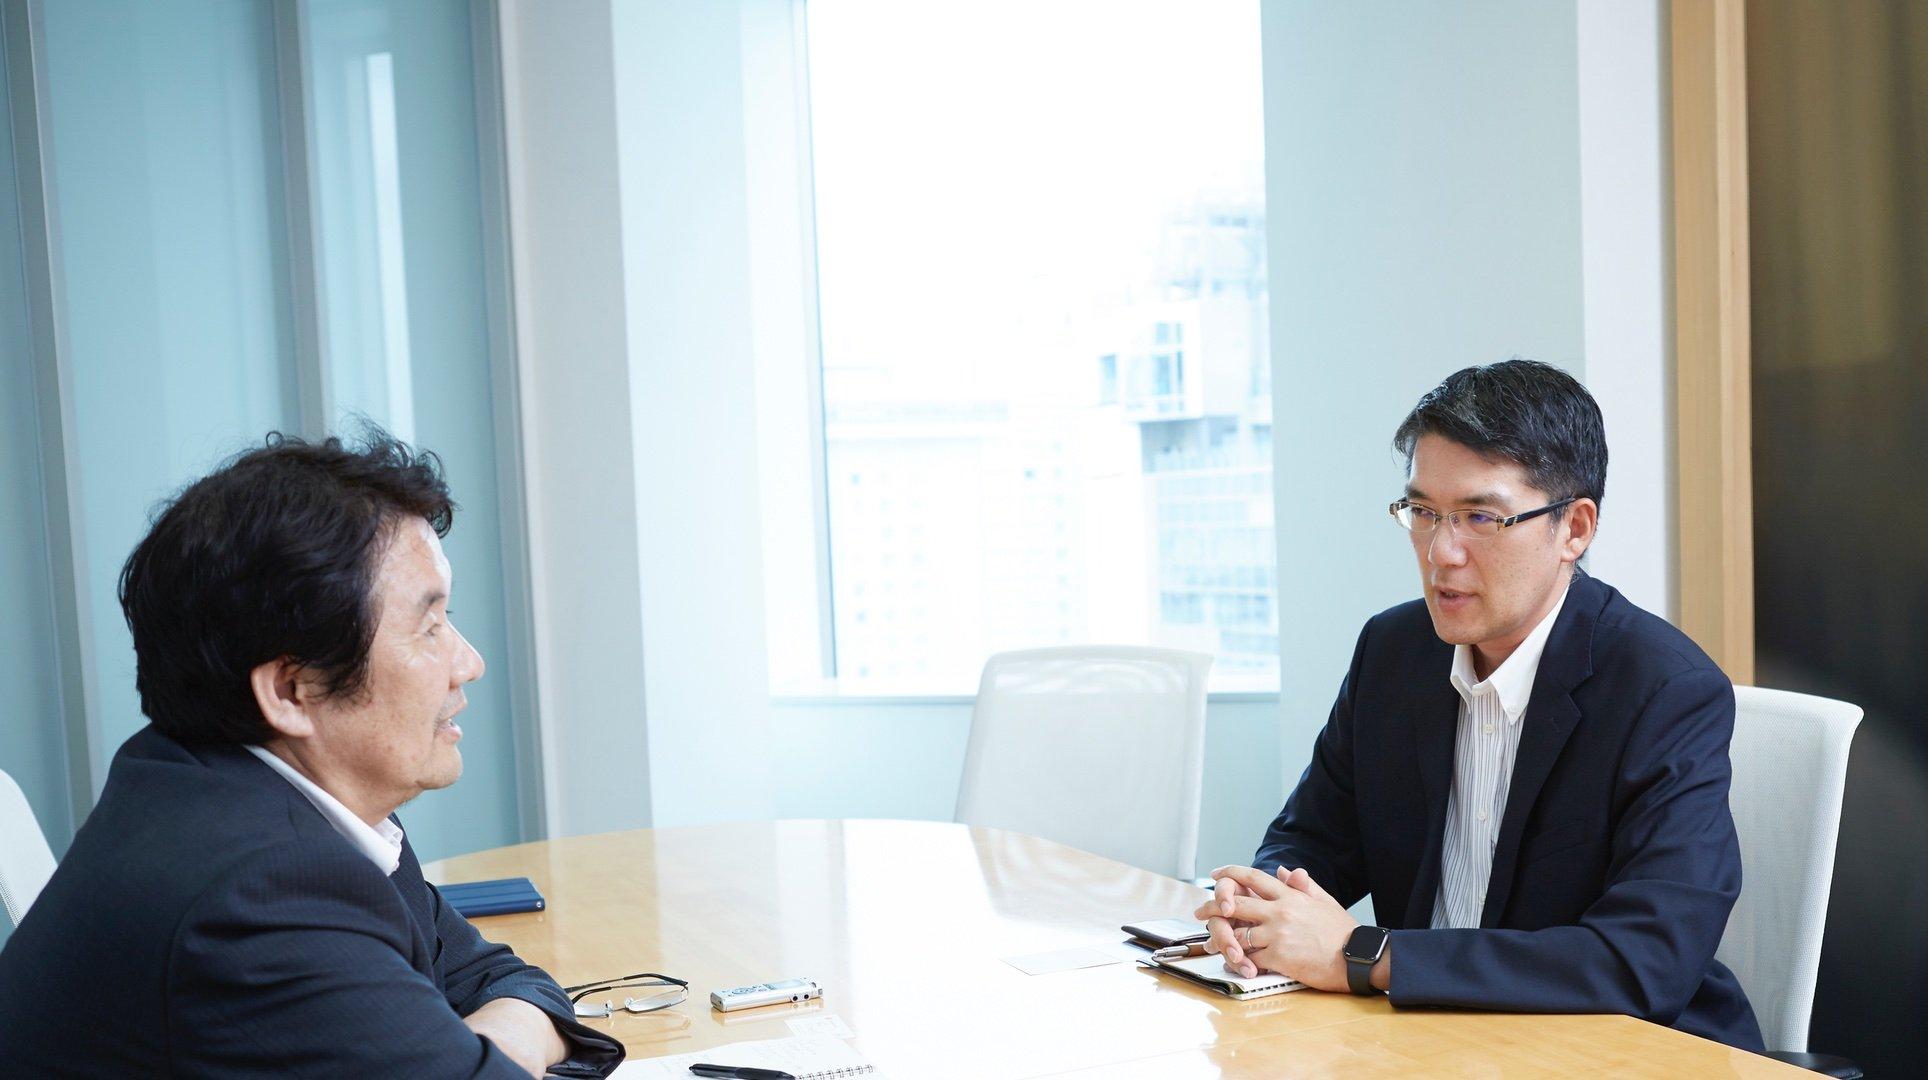 Mastercard x cashless expert Iwata discuss about debit card